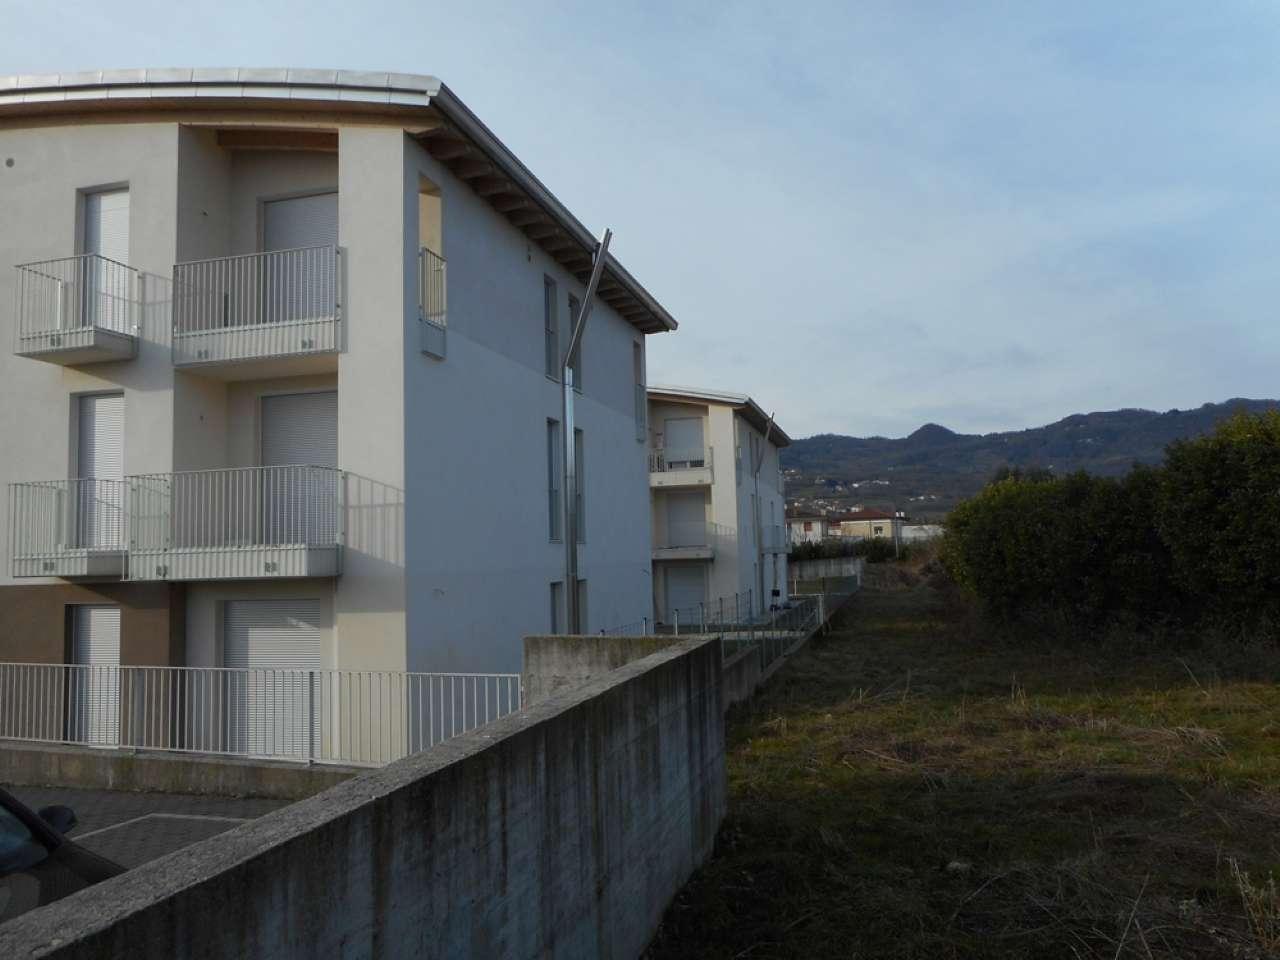 Appartamento in vendita a San Vito di Leguzzano, 3 locali, prezzo € 150.000 | Cambio Casa.it